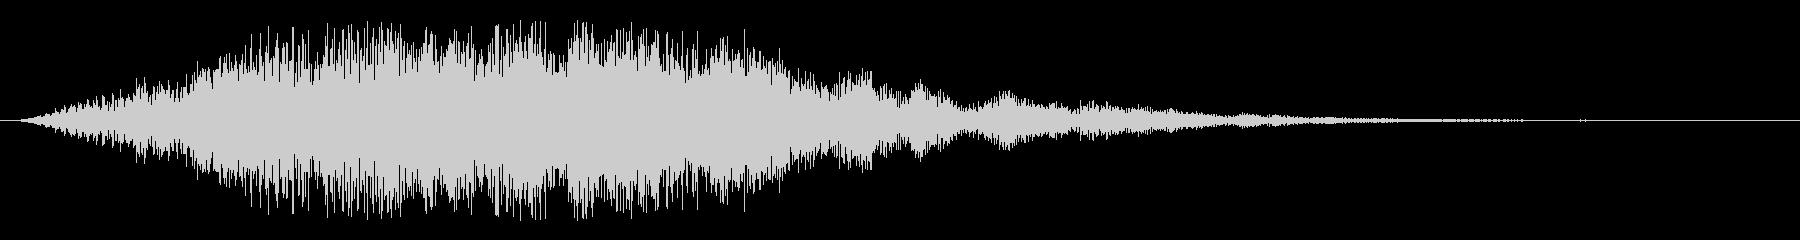 ヒュワーン(静かに始まるタイトル音)の未再生の波形